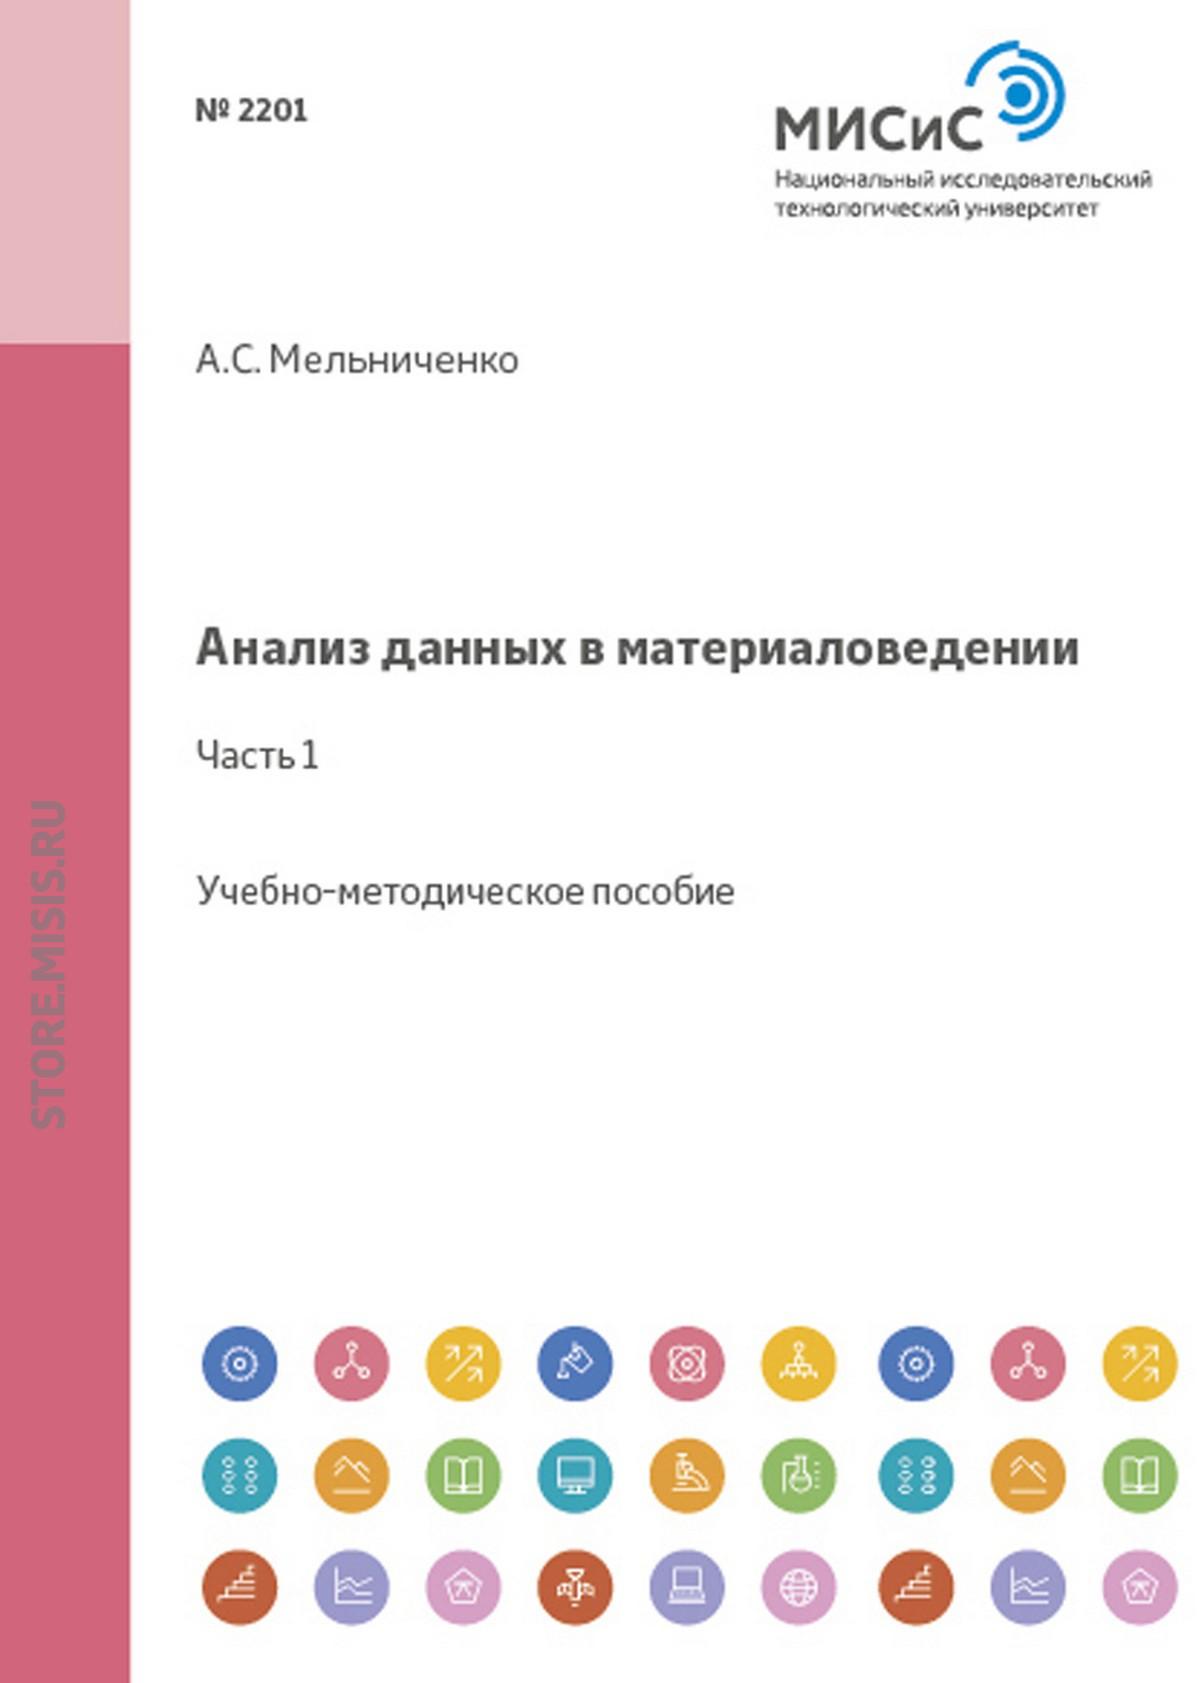 А. С. Мельниченко Анализ данных в материаловедении. Часть 1 все цены